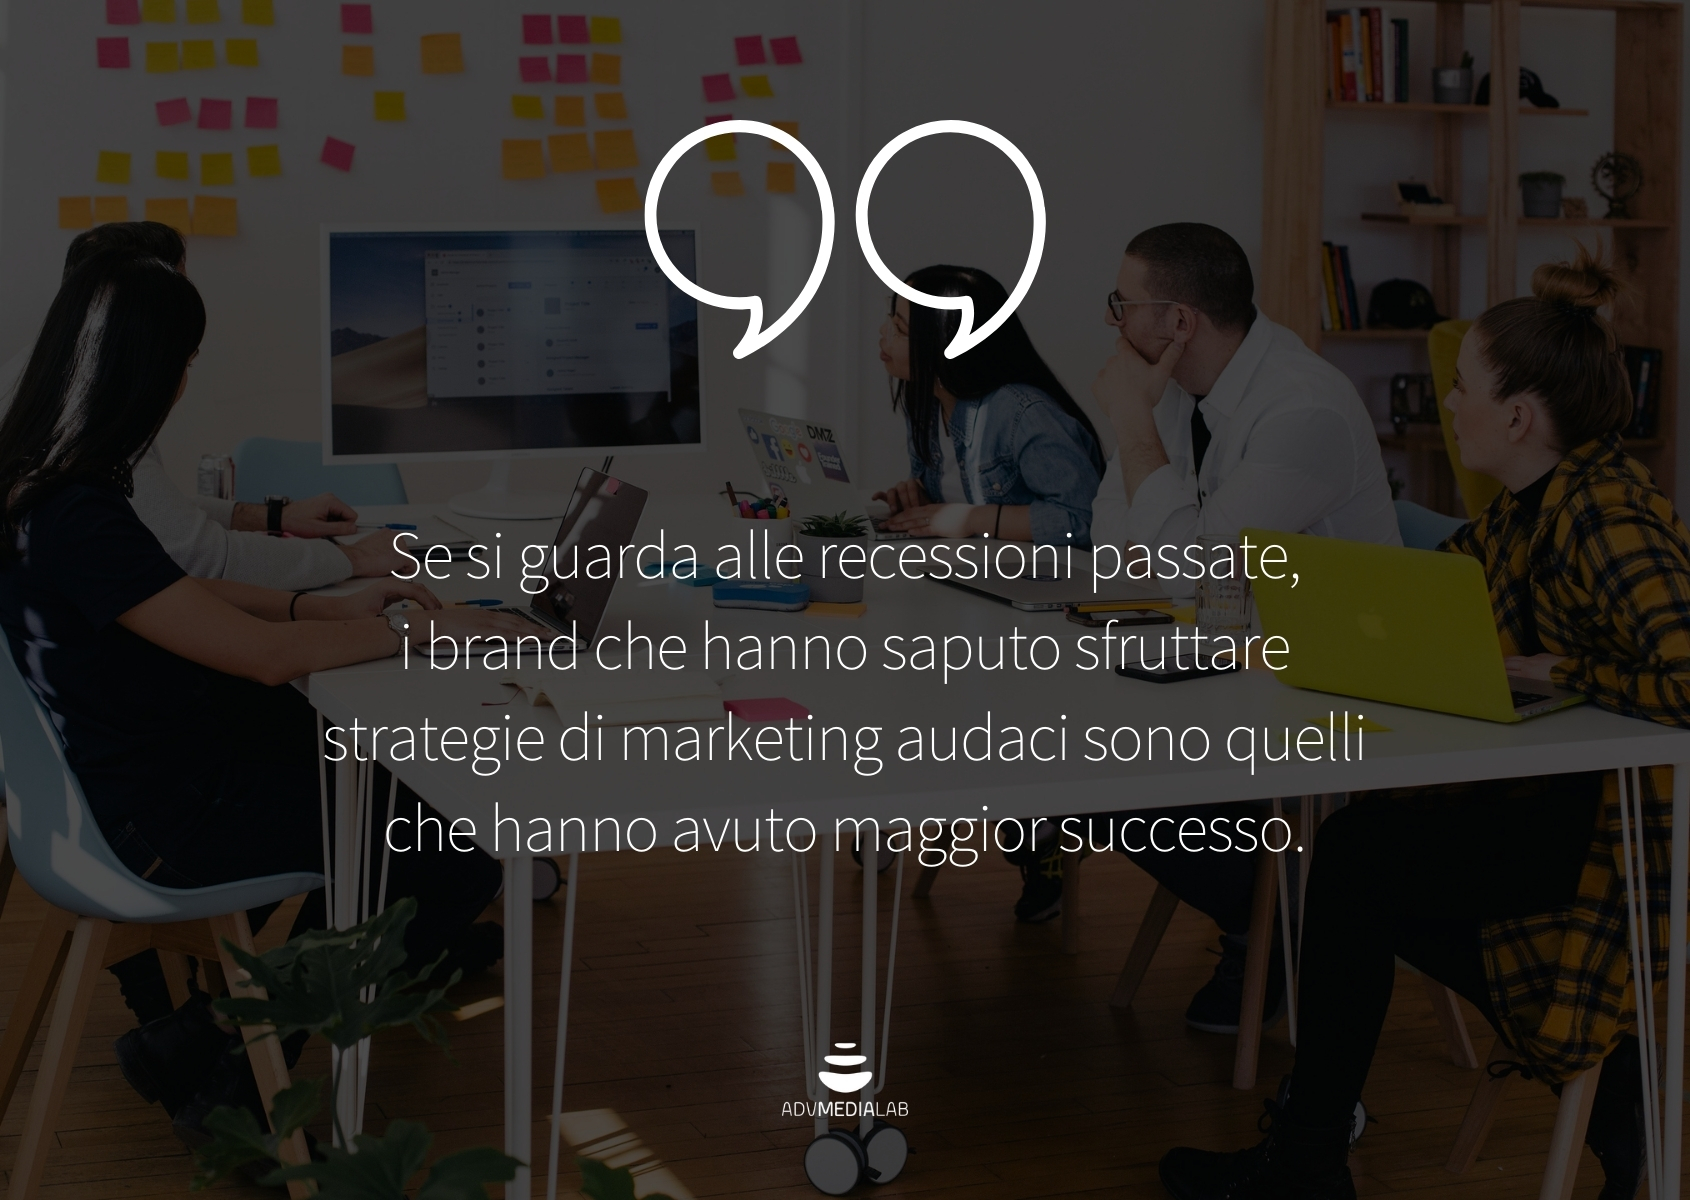 Investimenti-mktg-recessione-quote1